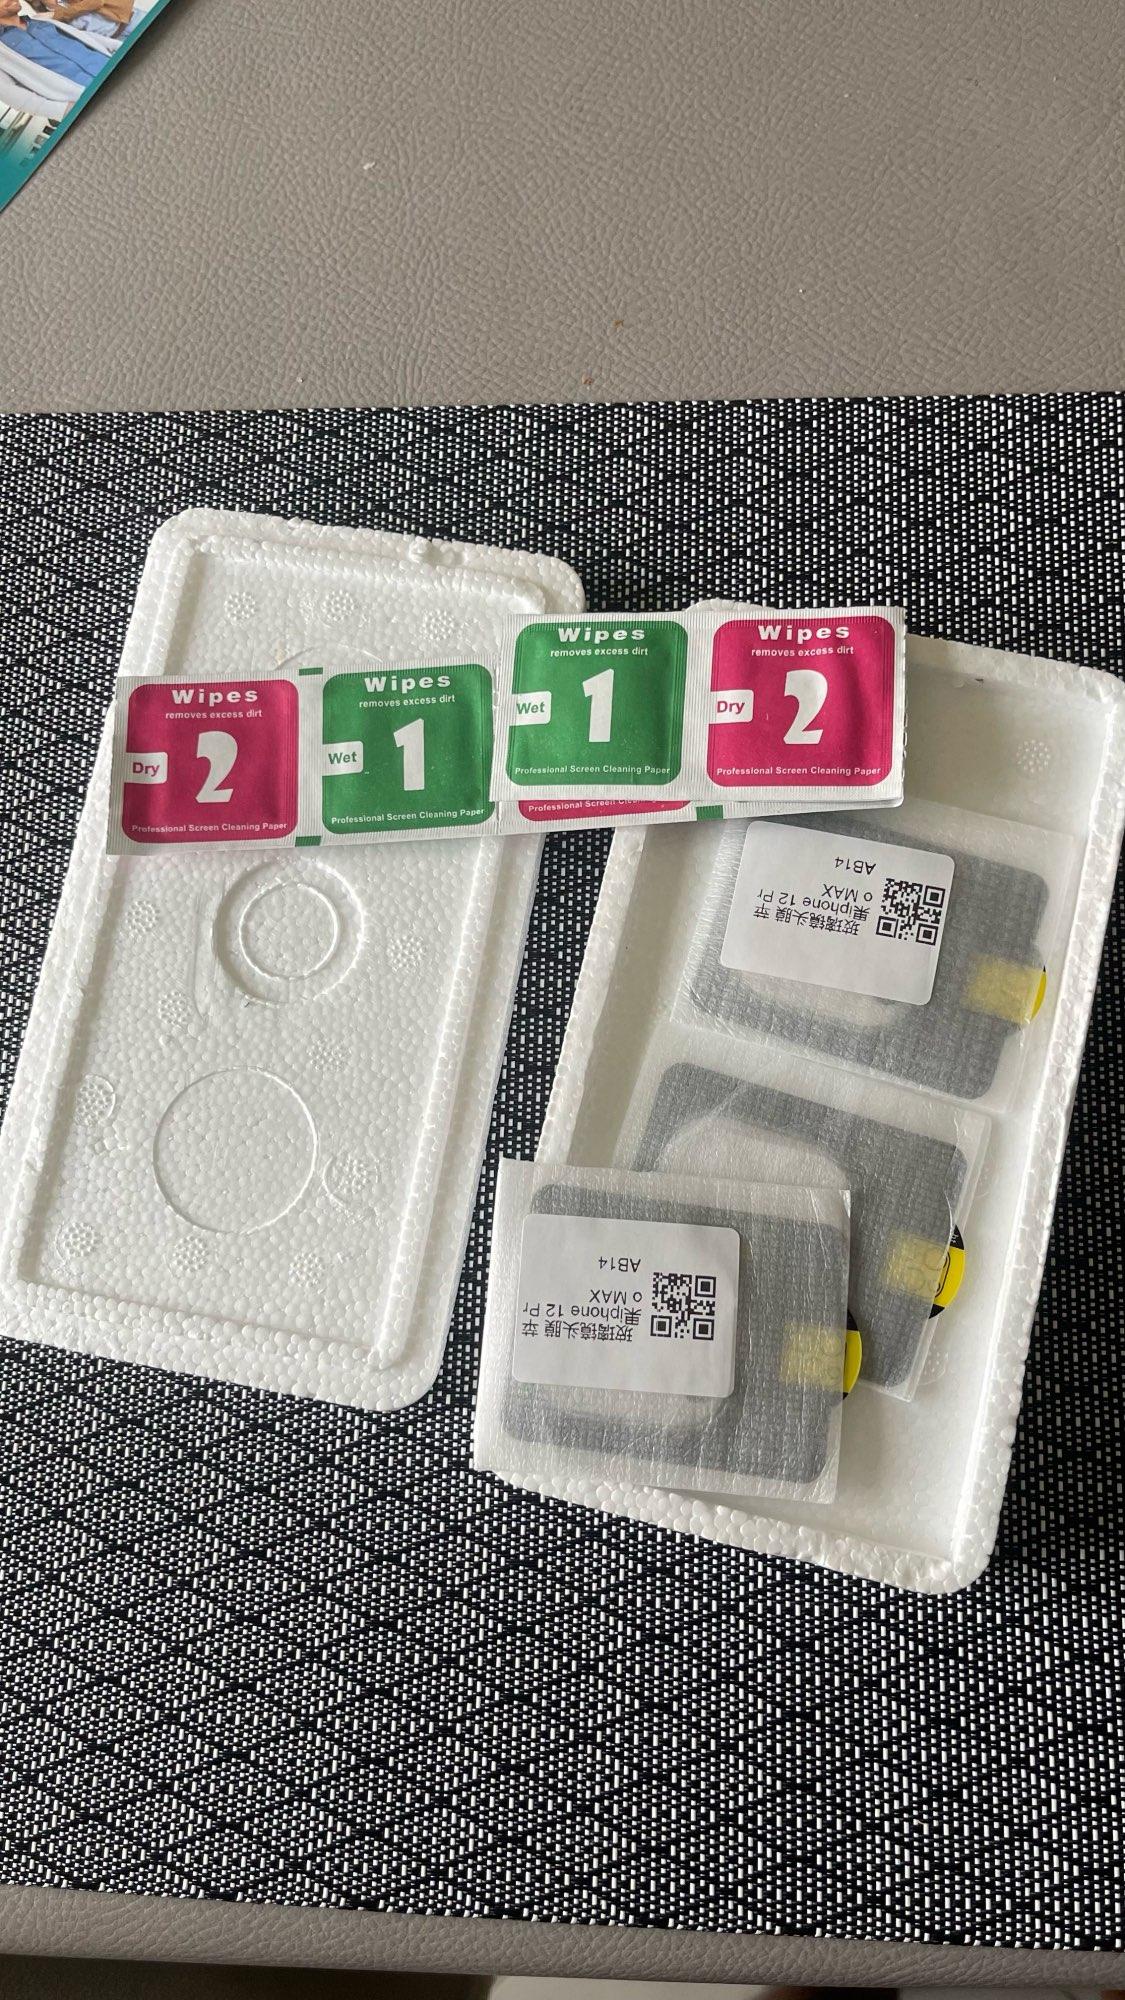 Protecteur d'objectif de caméra à couverture complète, 3 pièces, en verre trempé pour iPhone